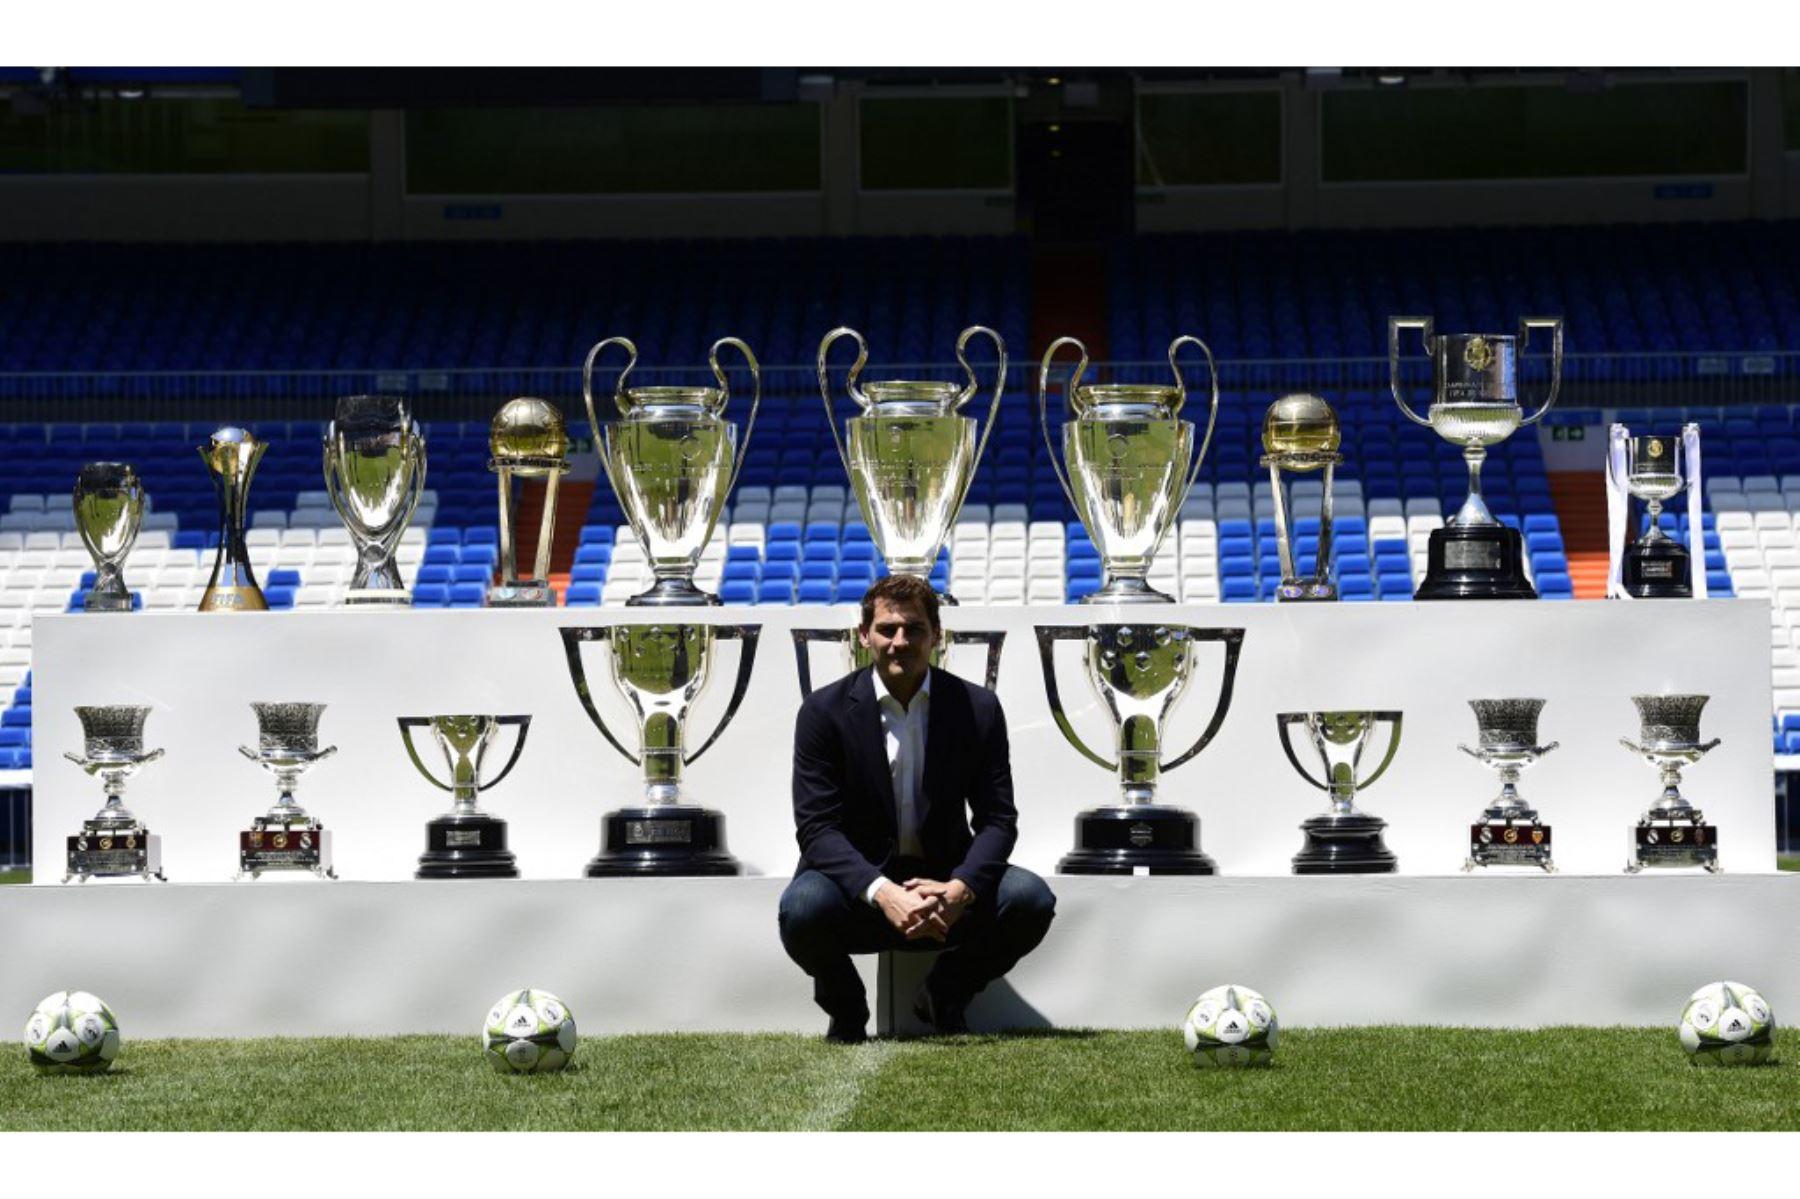 El ex portero del Real Madrid Iker Casillas posa con los trofeos que ganó con el Real Madrid después de una conferencia de prensa en el estadio Santiago Bernabeu en Madrid. Foto: AFP